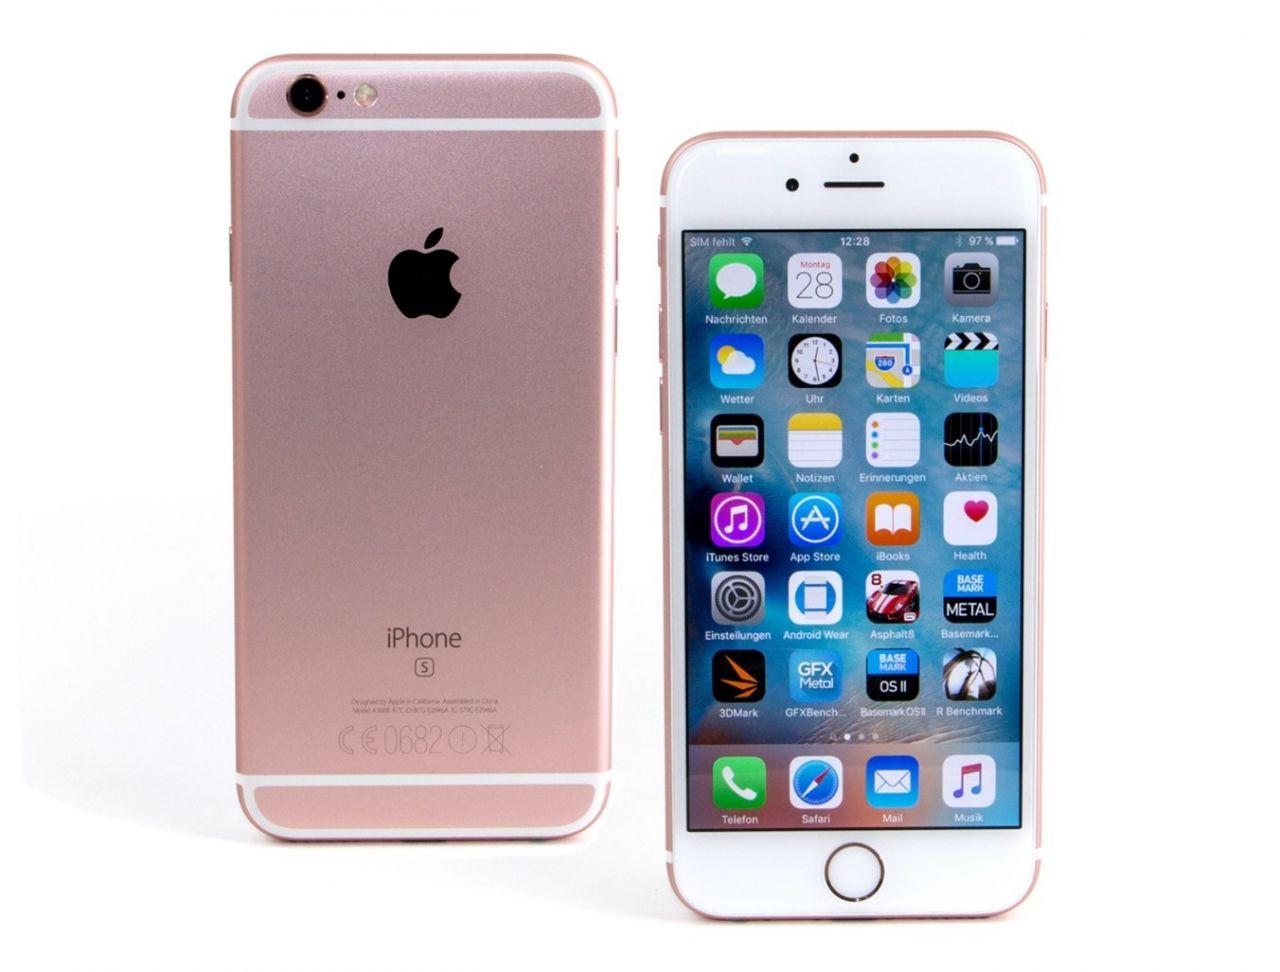 iPhone modellerinde kaçırılmayacak indirim fırsatı! Fiyatlar dip yaptı - Page 2